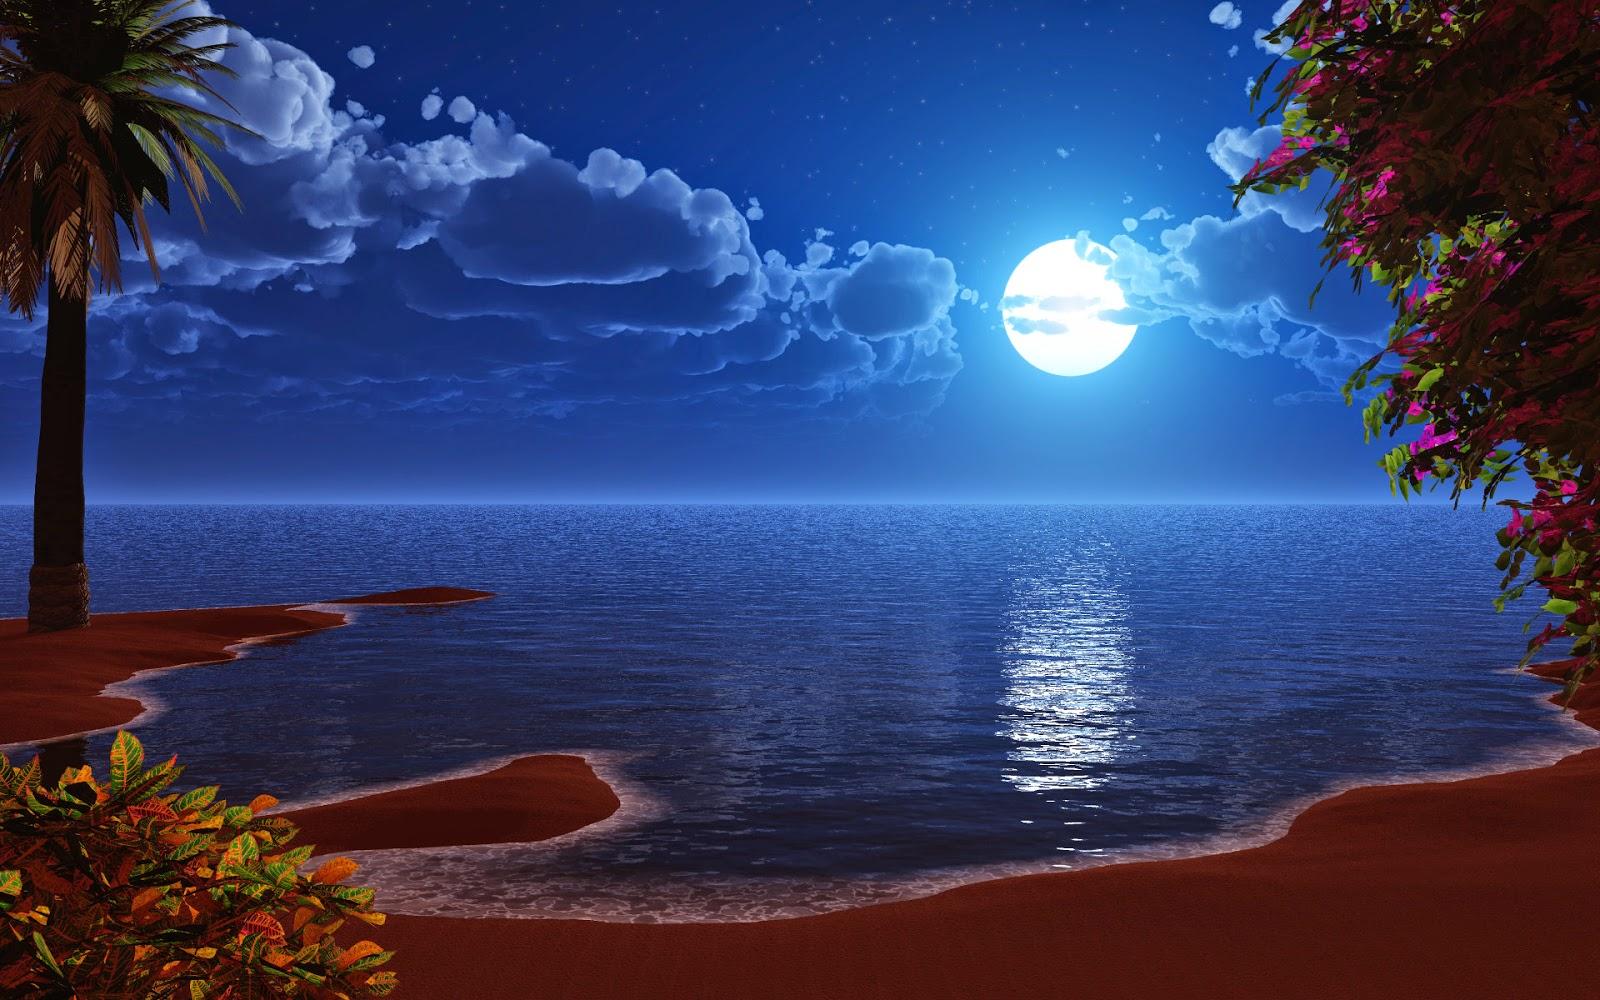 beauty-of-nature-at-night-in-full-moonlight.jpg